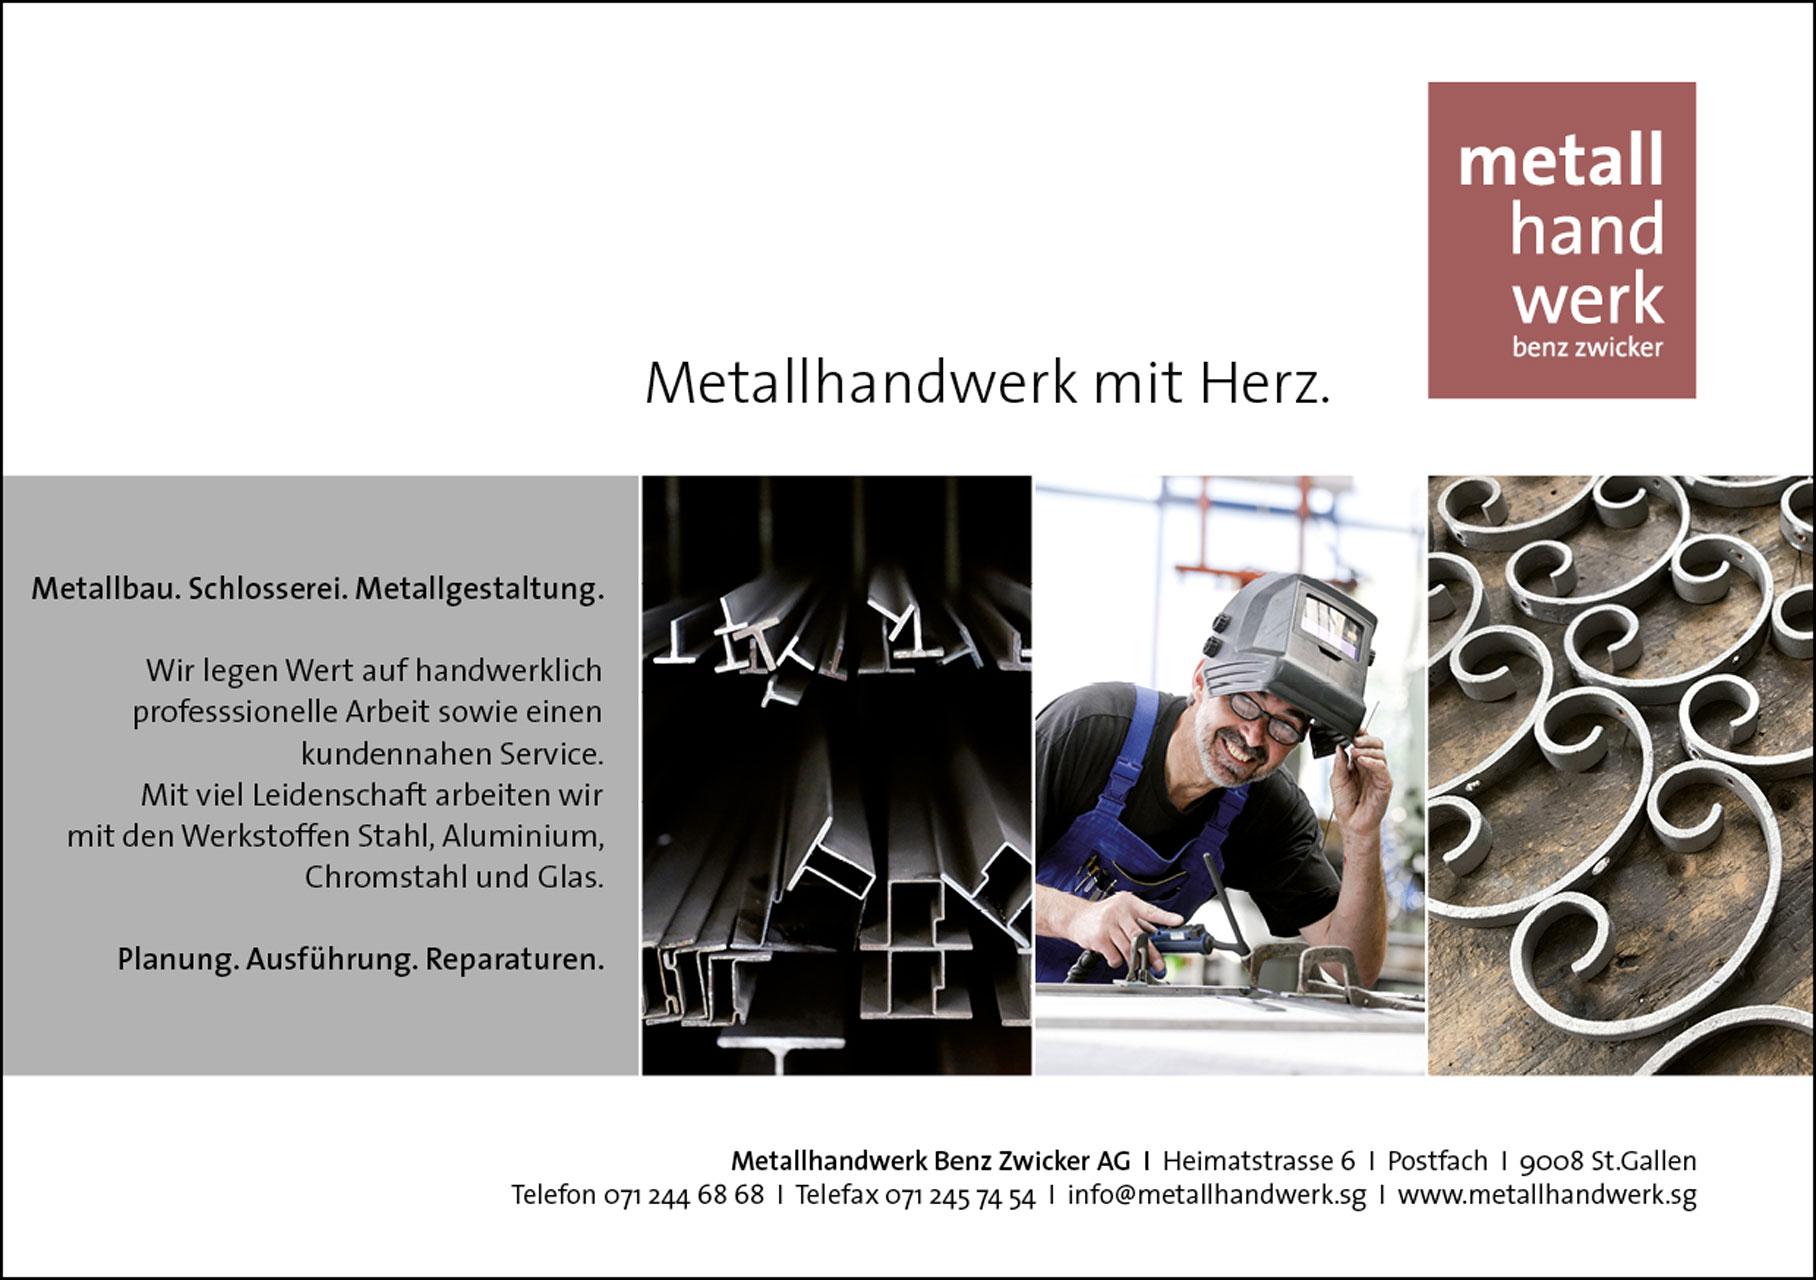 Metallhandwerk_ImageinseratA5.jpg